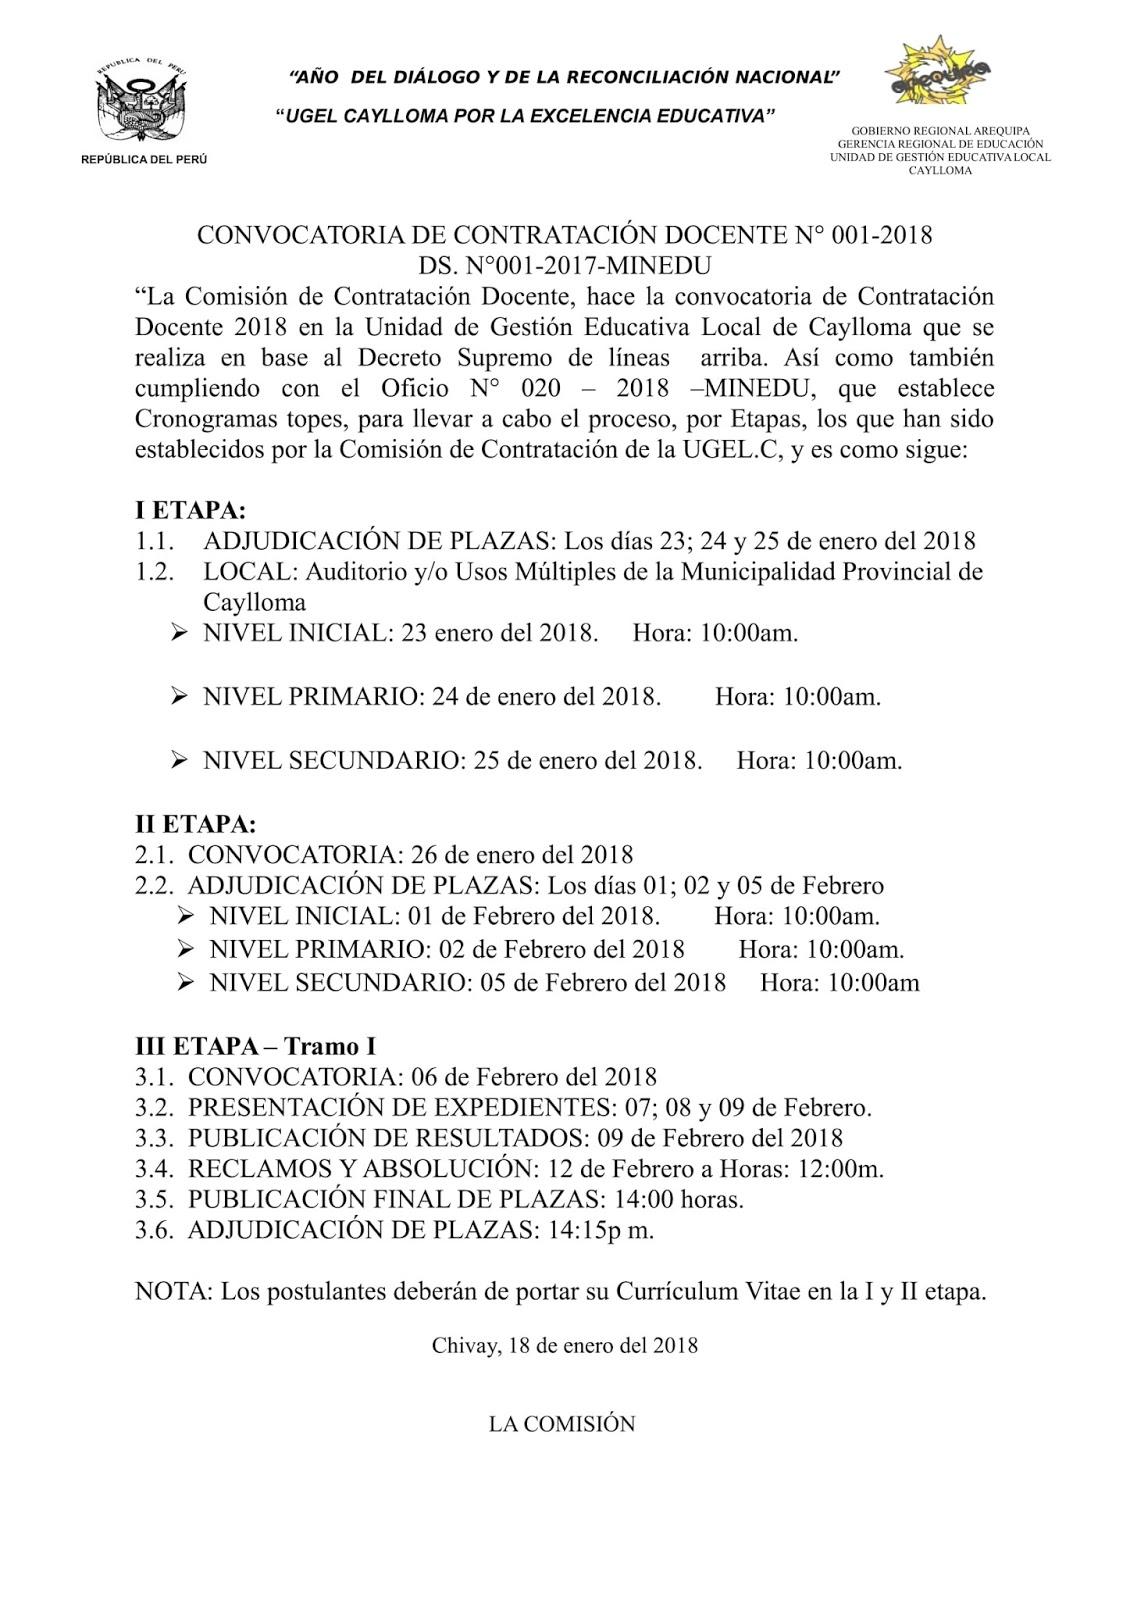 Convocatoria de contrataci n docente n 01 2018 ugel for Convocatoria para docentes